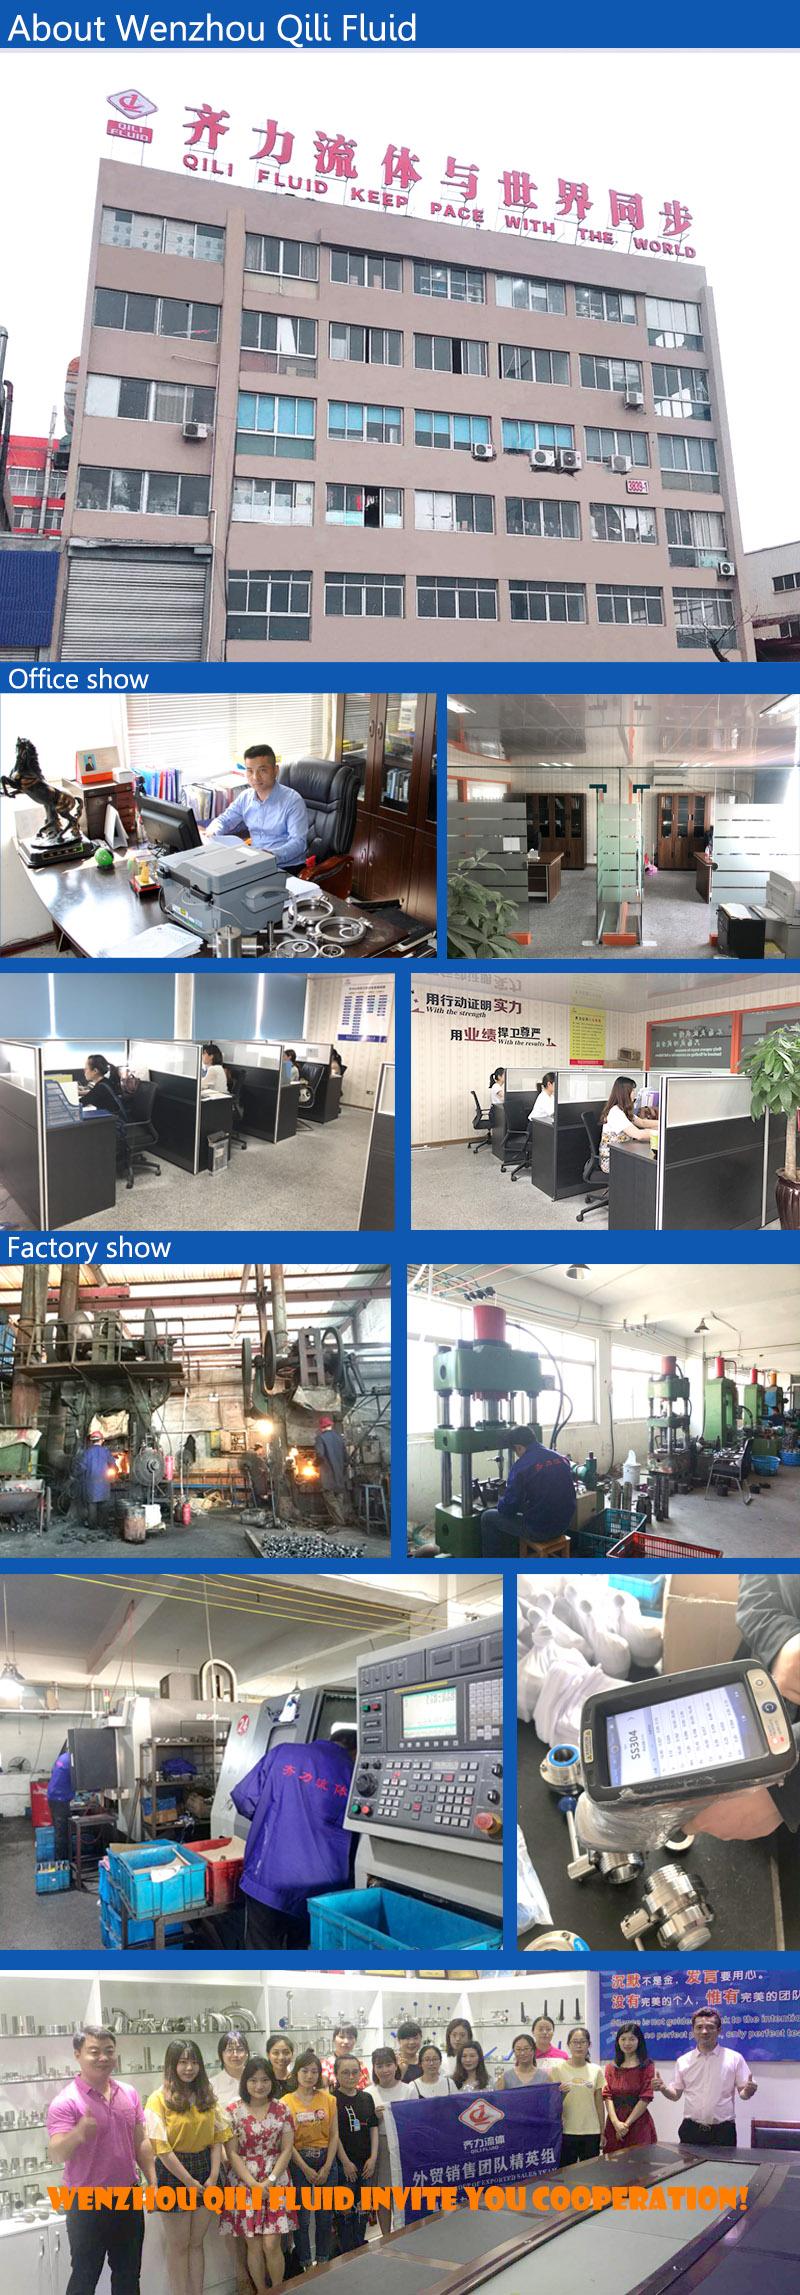 Wenzhou Qili company information